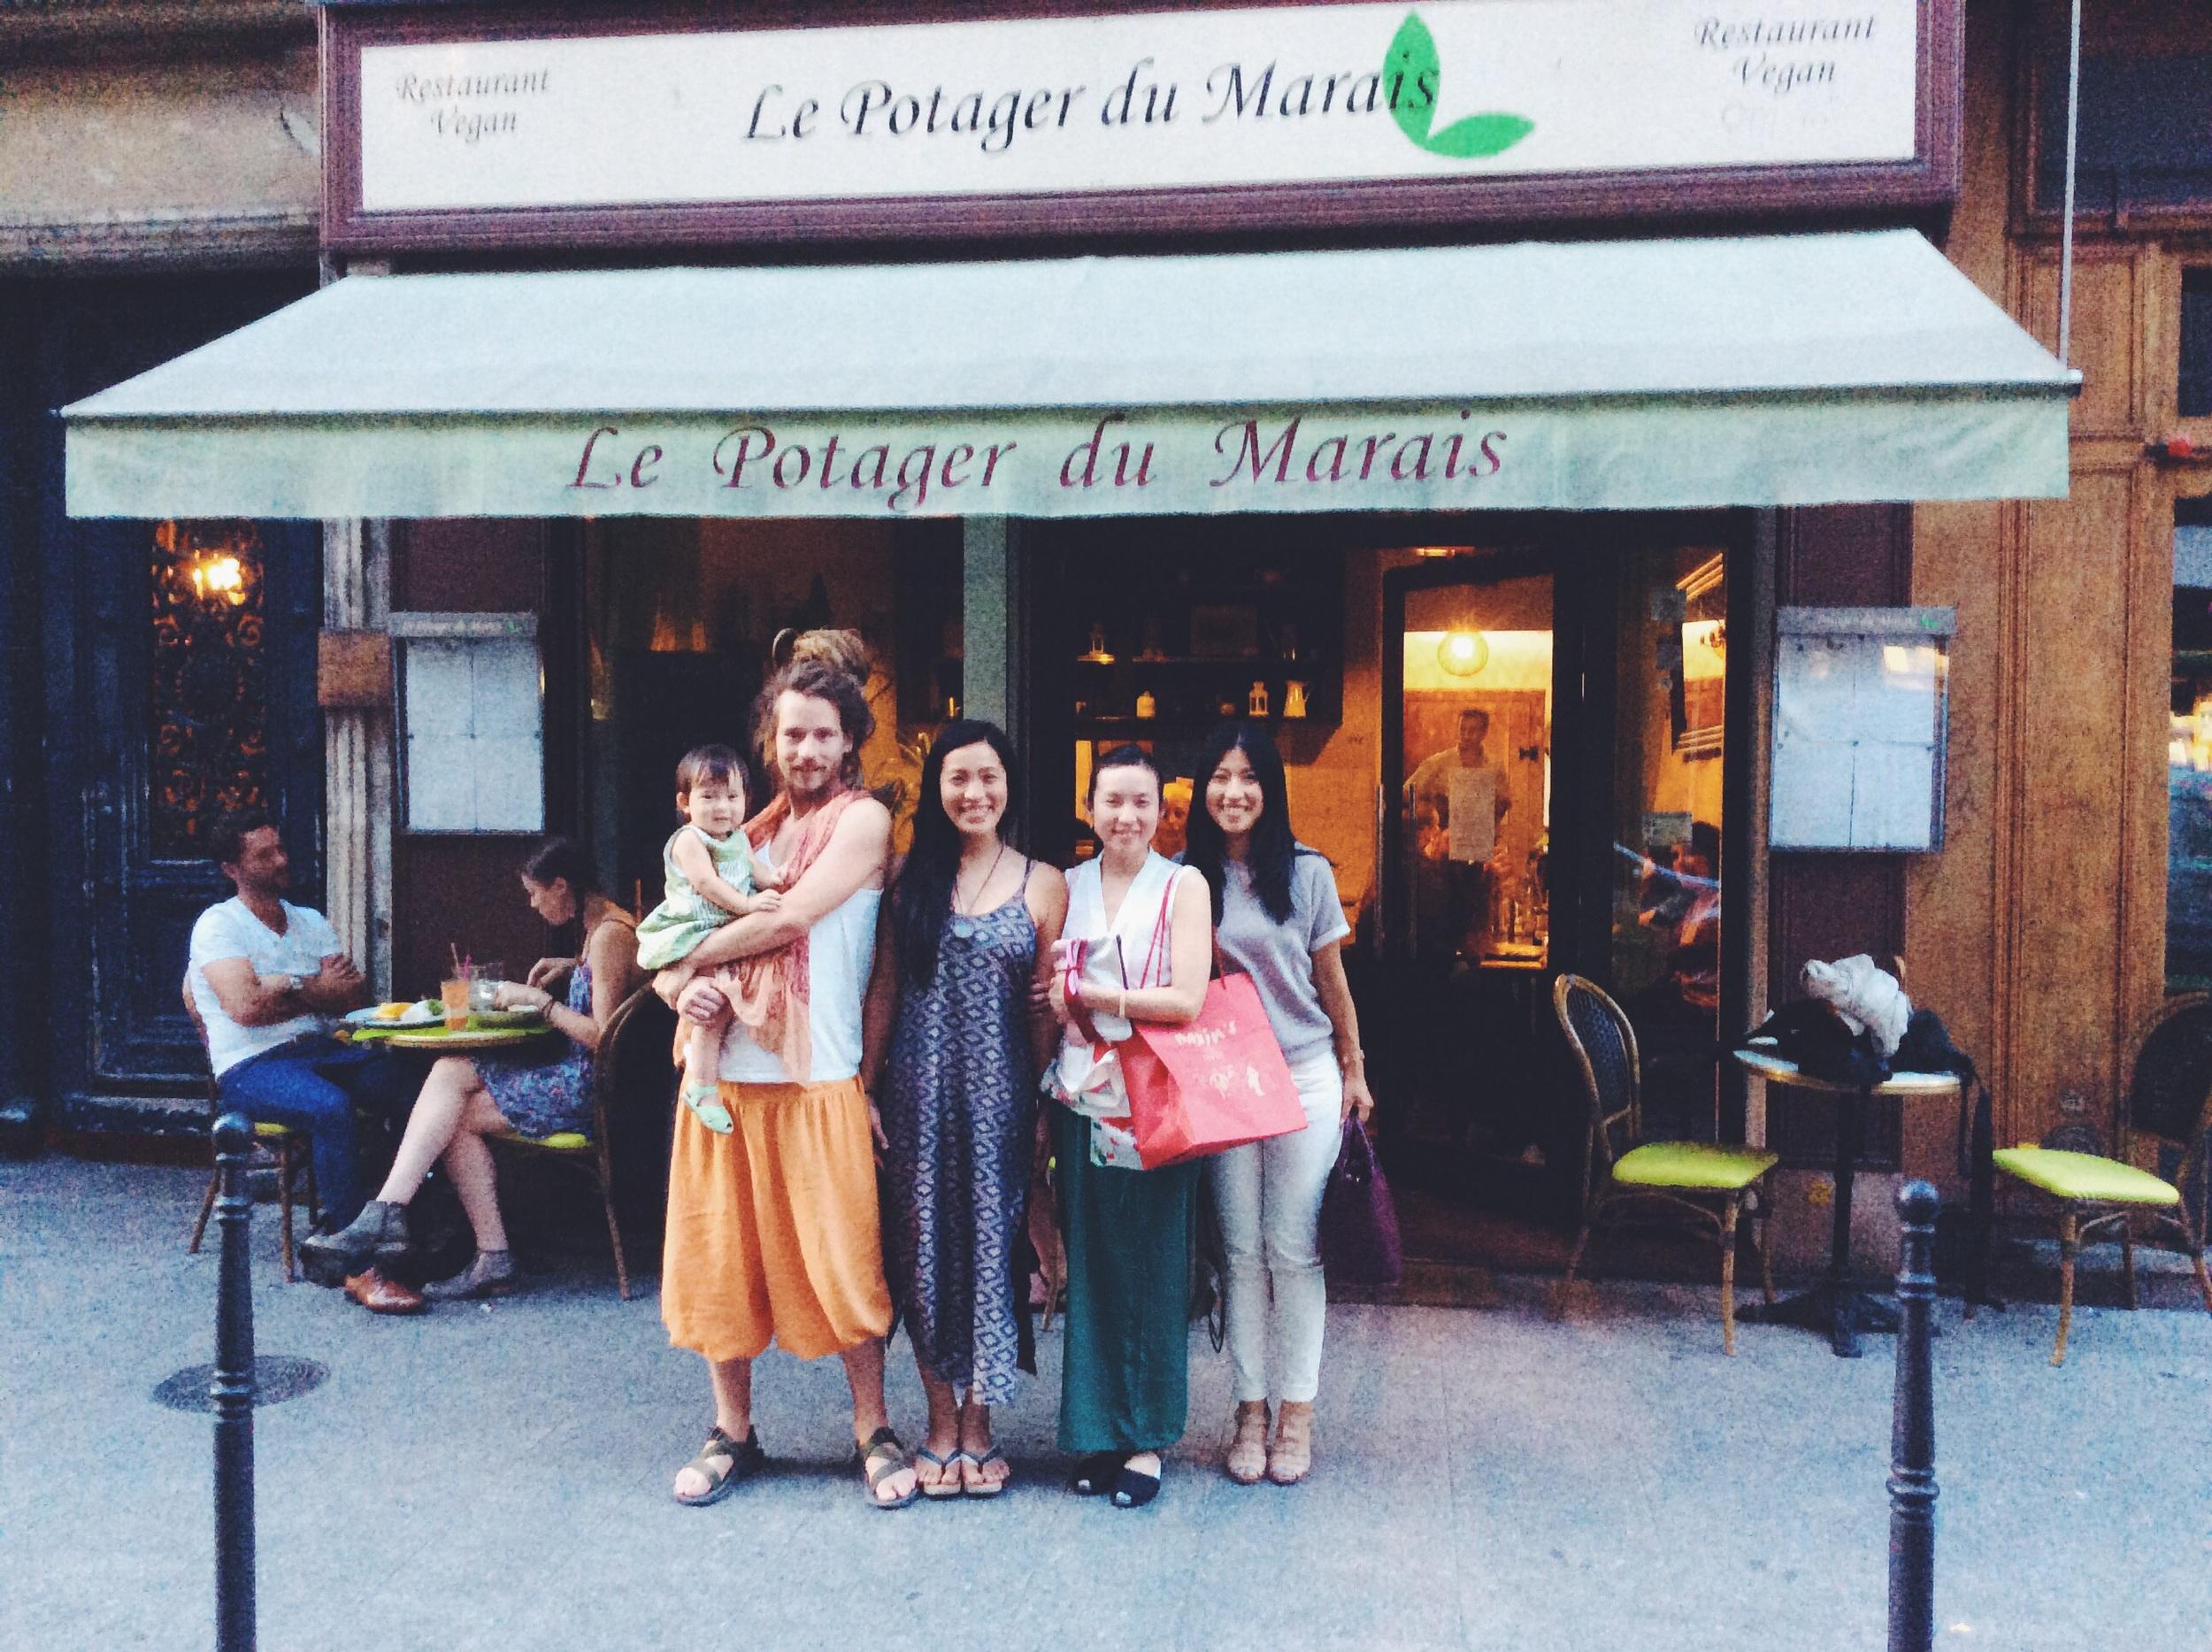 まさかの、パリにてKazuさん、再びりょうこちゃんと再会!  現在パリに留学中のカズさんに、フレンチVeganのありえない美味しさのお店に連れて行ってもらいました。パリで11年続いているお店なだけあって、まさか乳製品一切使わないヴィーガン料理を、バター、チーズなしでここまでフレンチで表現するなんて!さすがフランス人の意地?気合い!すごい!  食を語るならフランスって、なるほど❗️   http://lepotagerdumarais.fr/Potager_du_Marais/Le_Potager_du_Marais.html